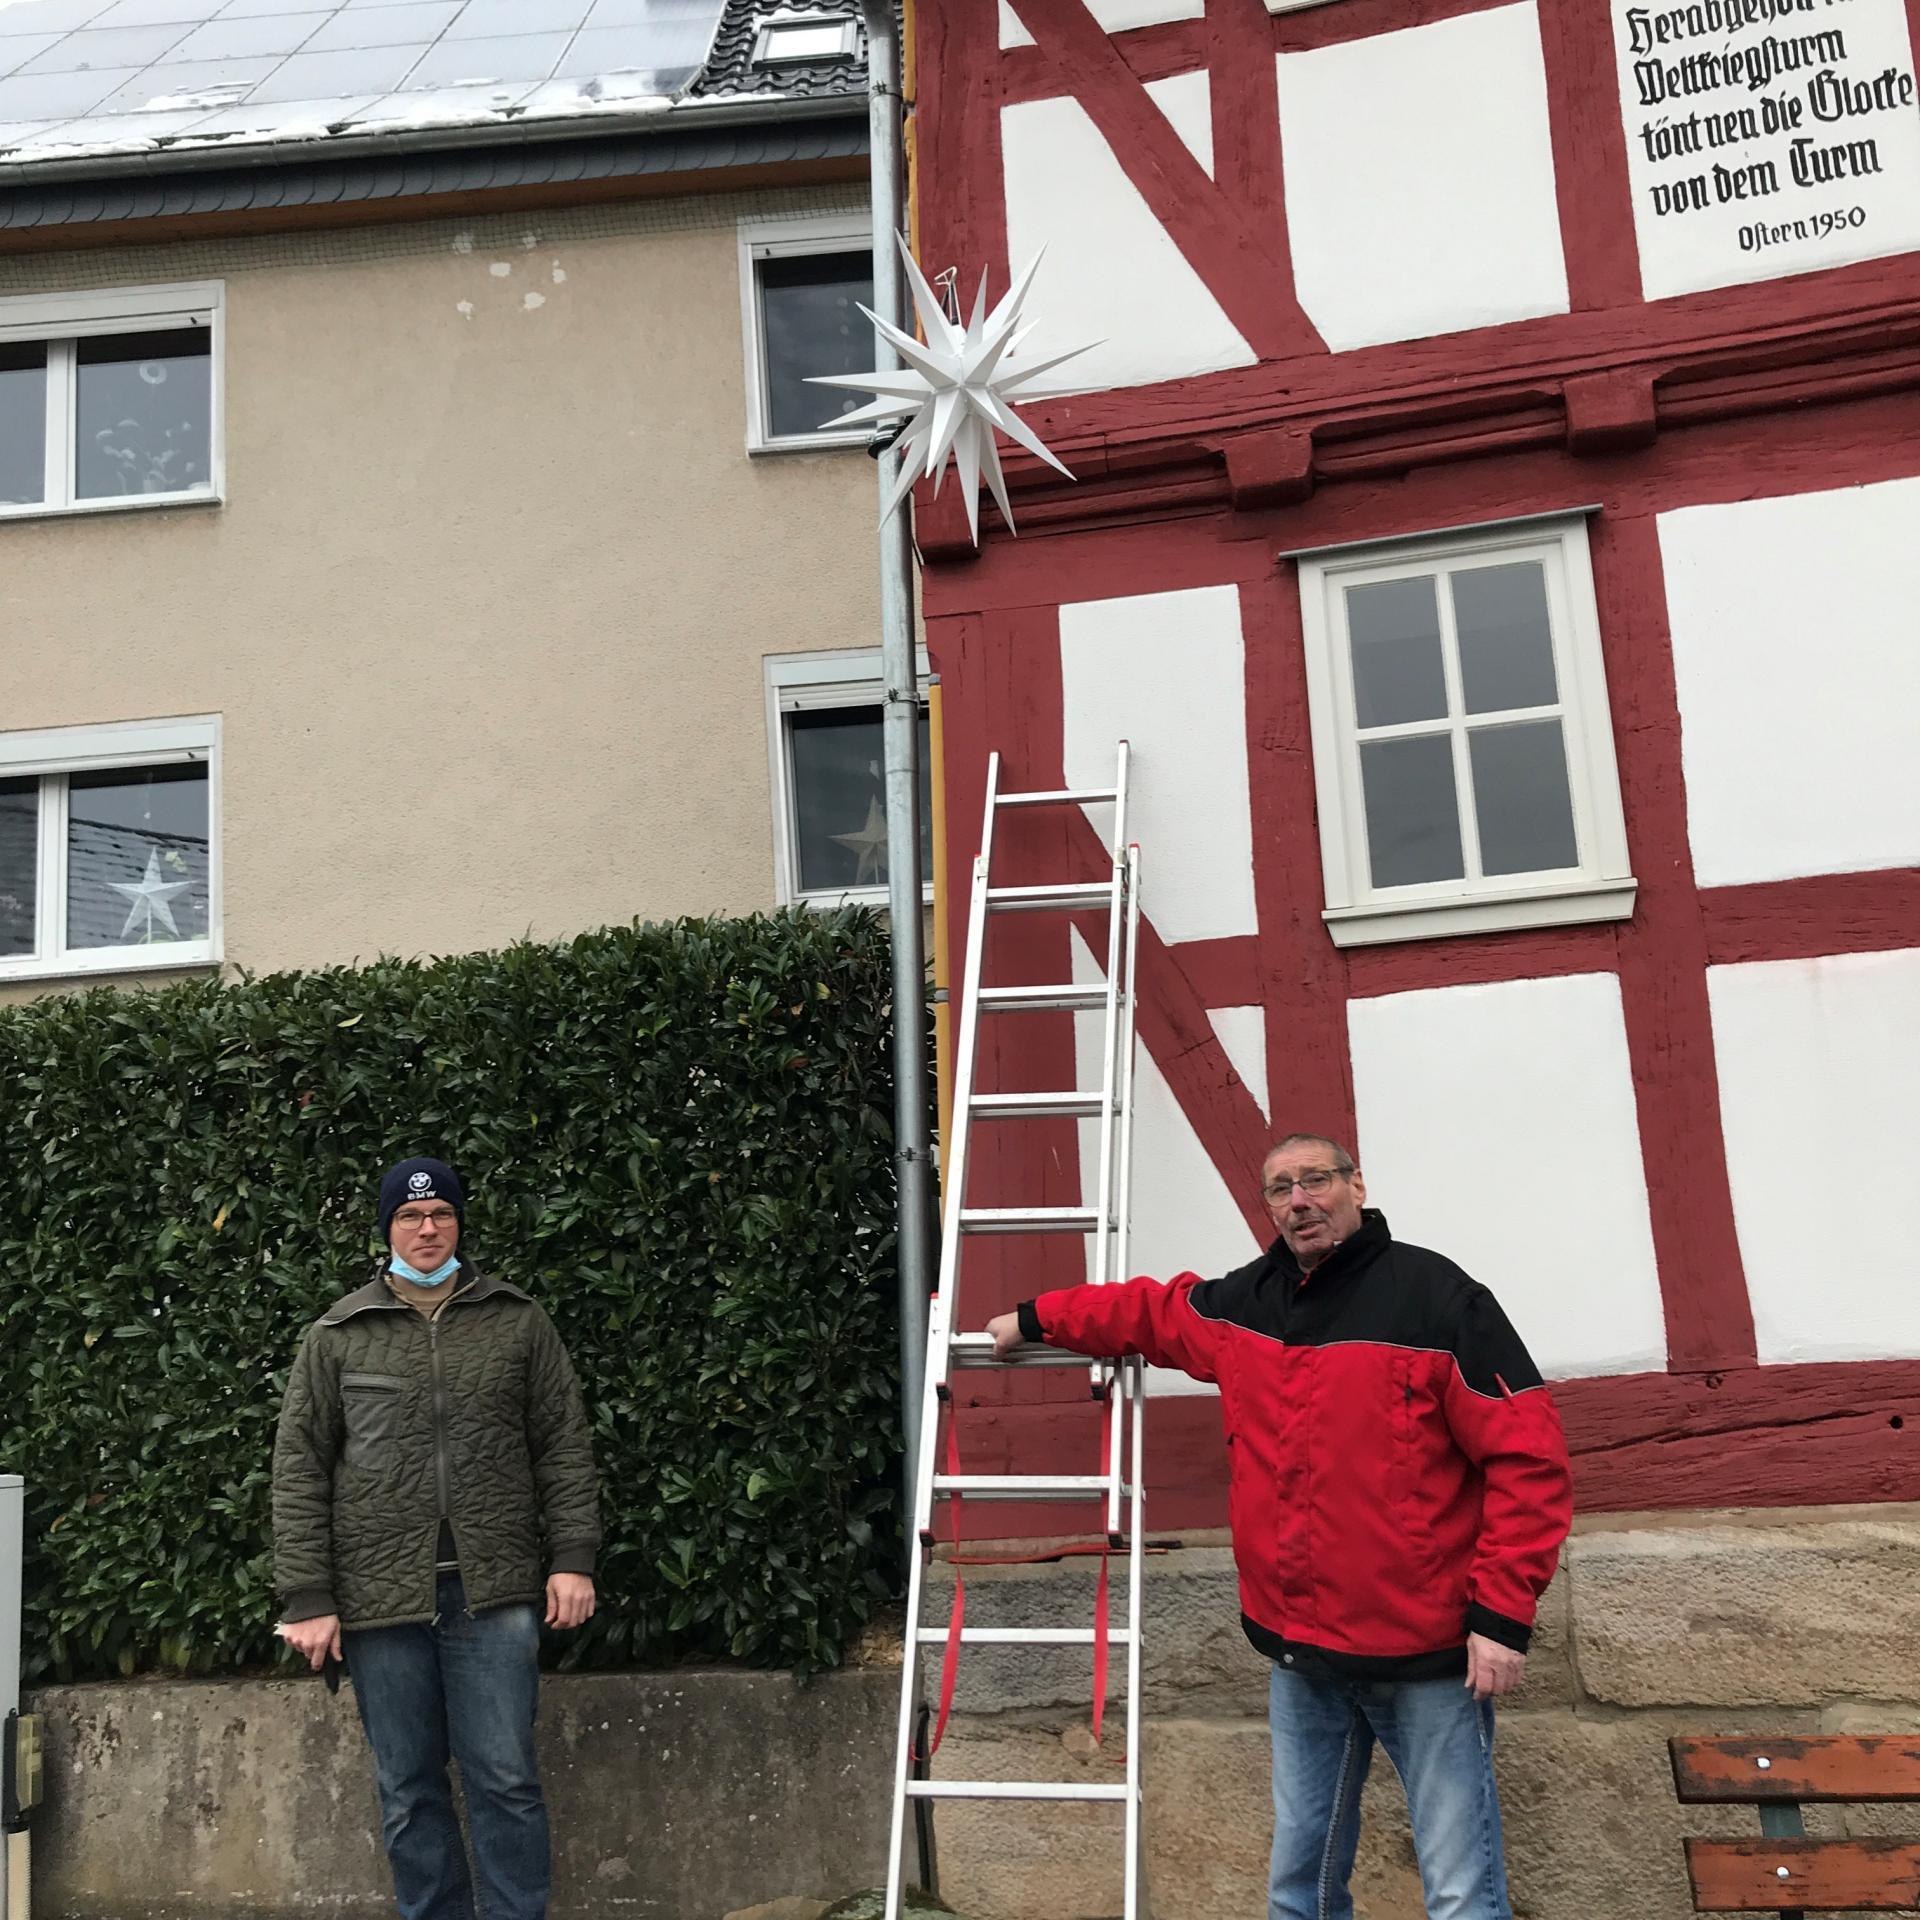 """Ortsvorsteher Kay Bube (links), Ortsbeirats-Mitglied Norbert Wenzel (nicht im Bild) und Volkstanz-Mitglied Horst Habermehl (rechts) montierten den Stern am """"Dom"""" von Malkomes."""